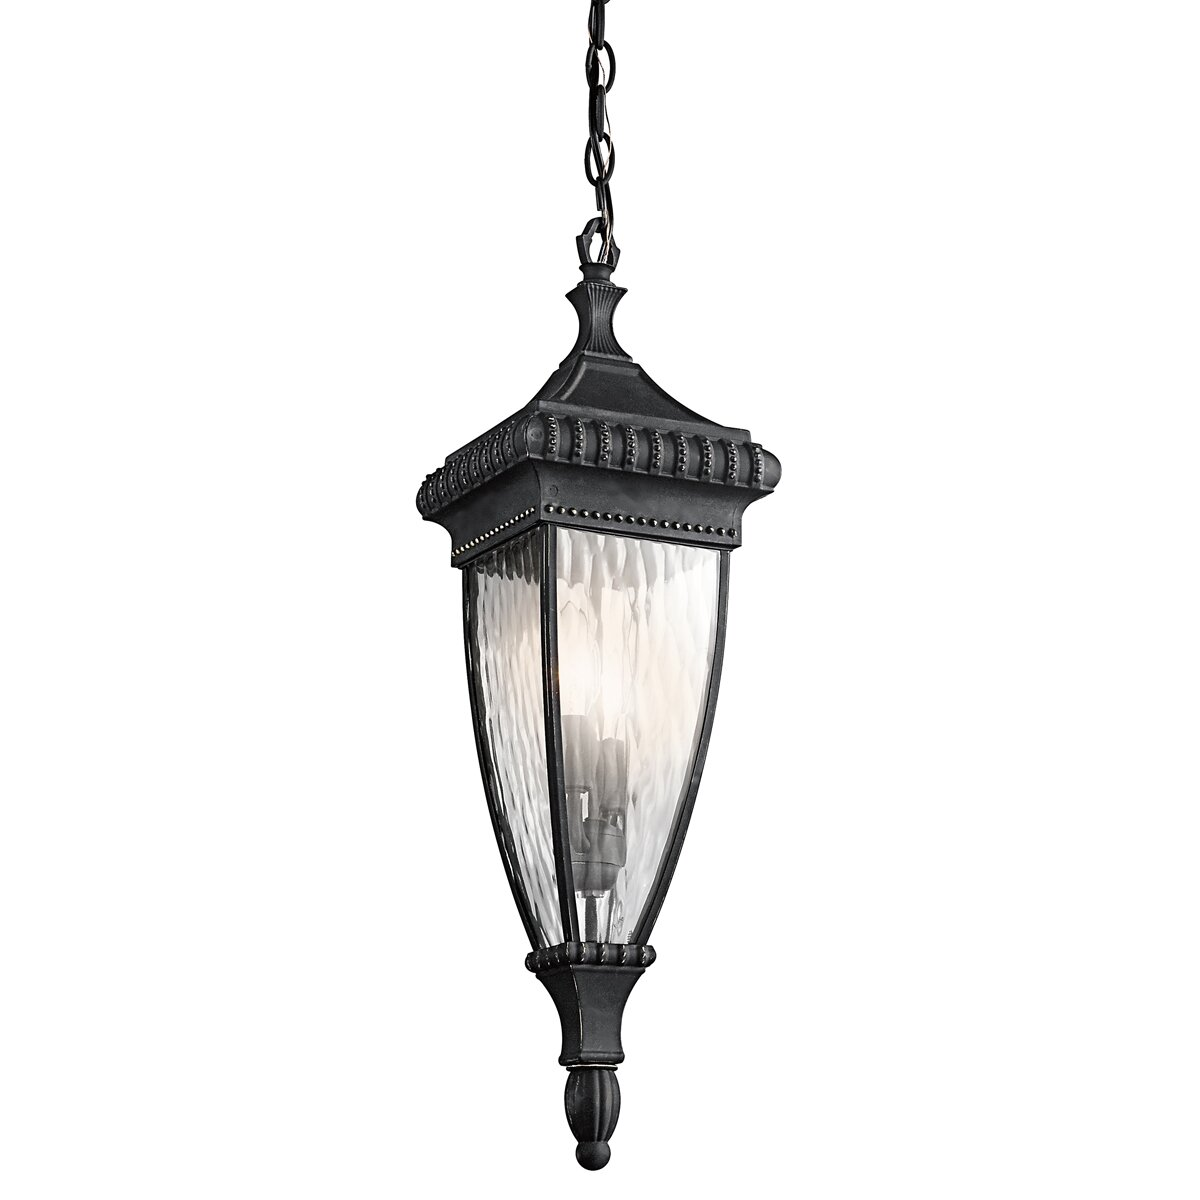 Kichler Venetian Rain 2 Light Foyer Pendant & Reviews